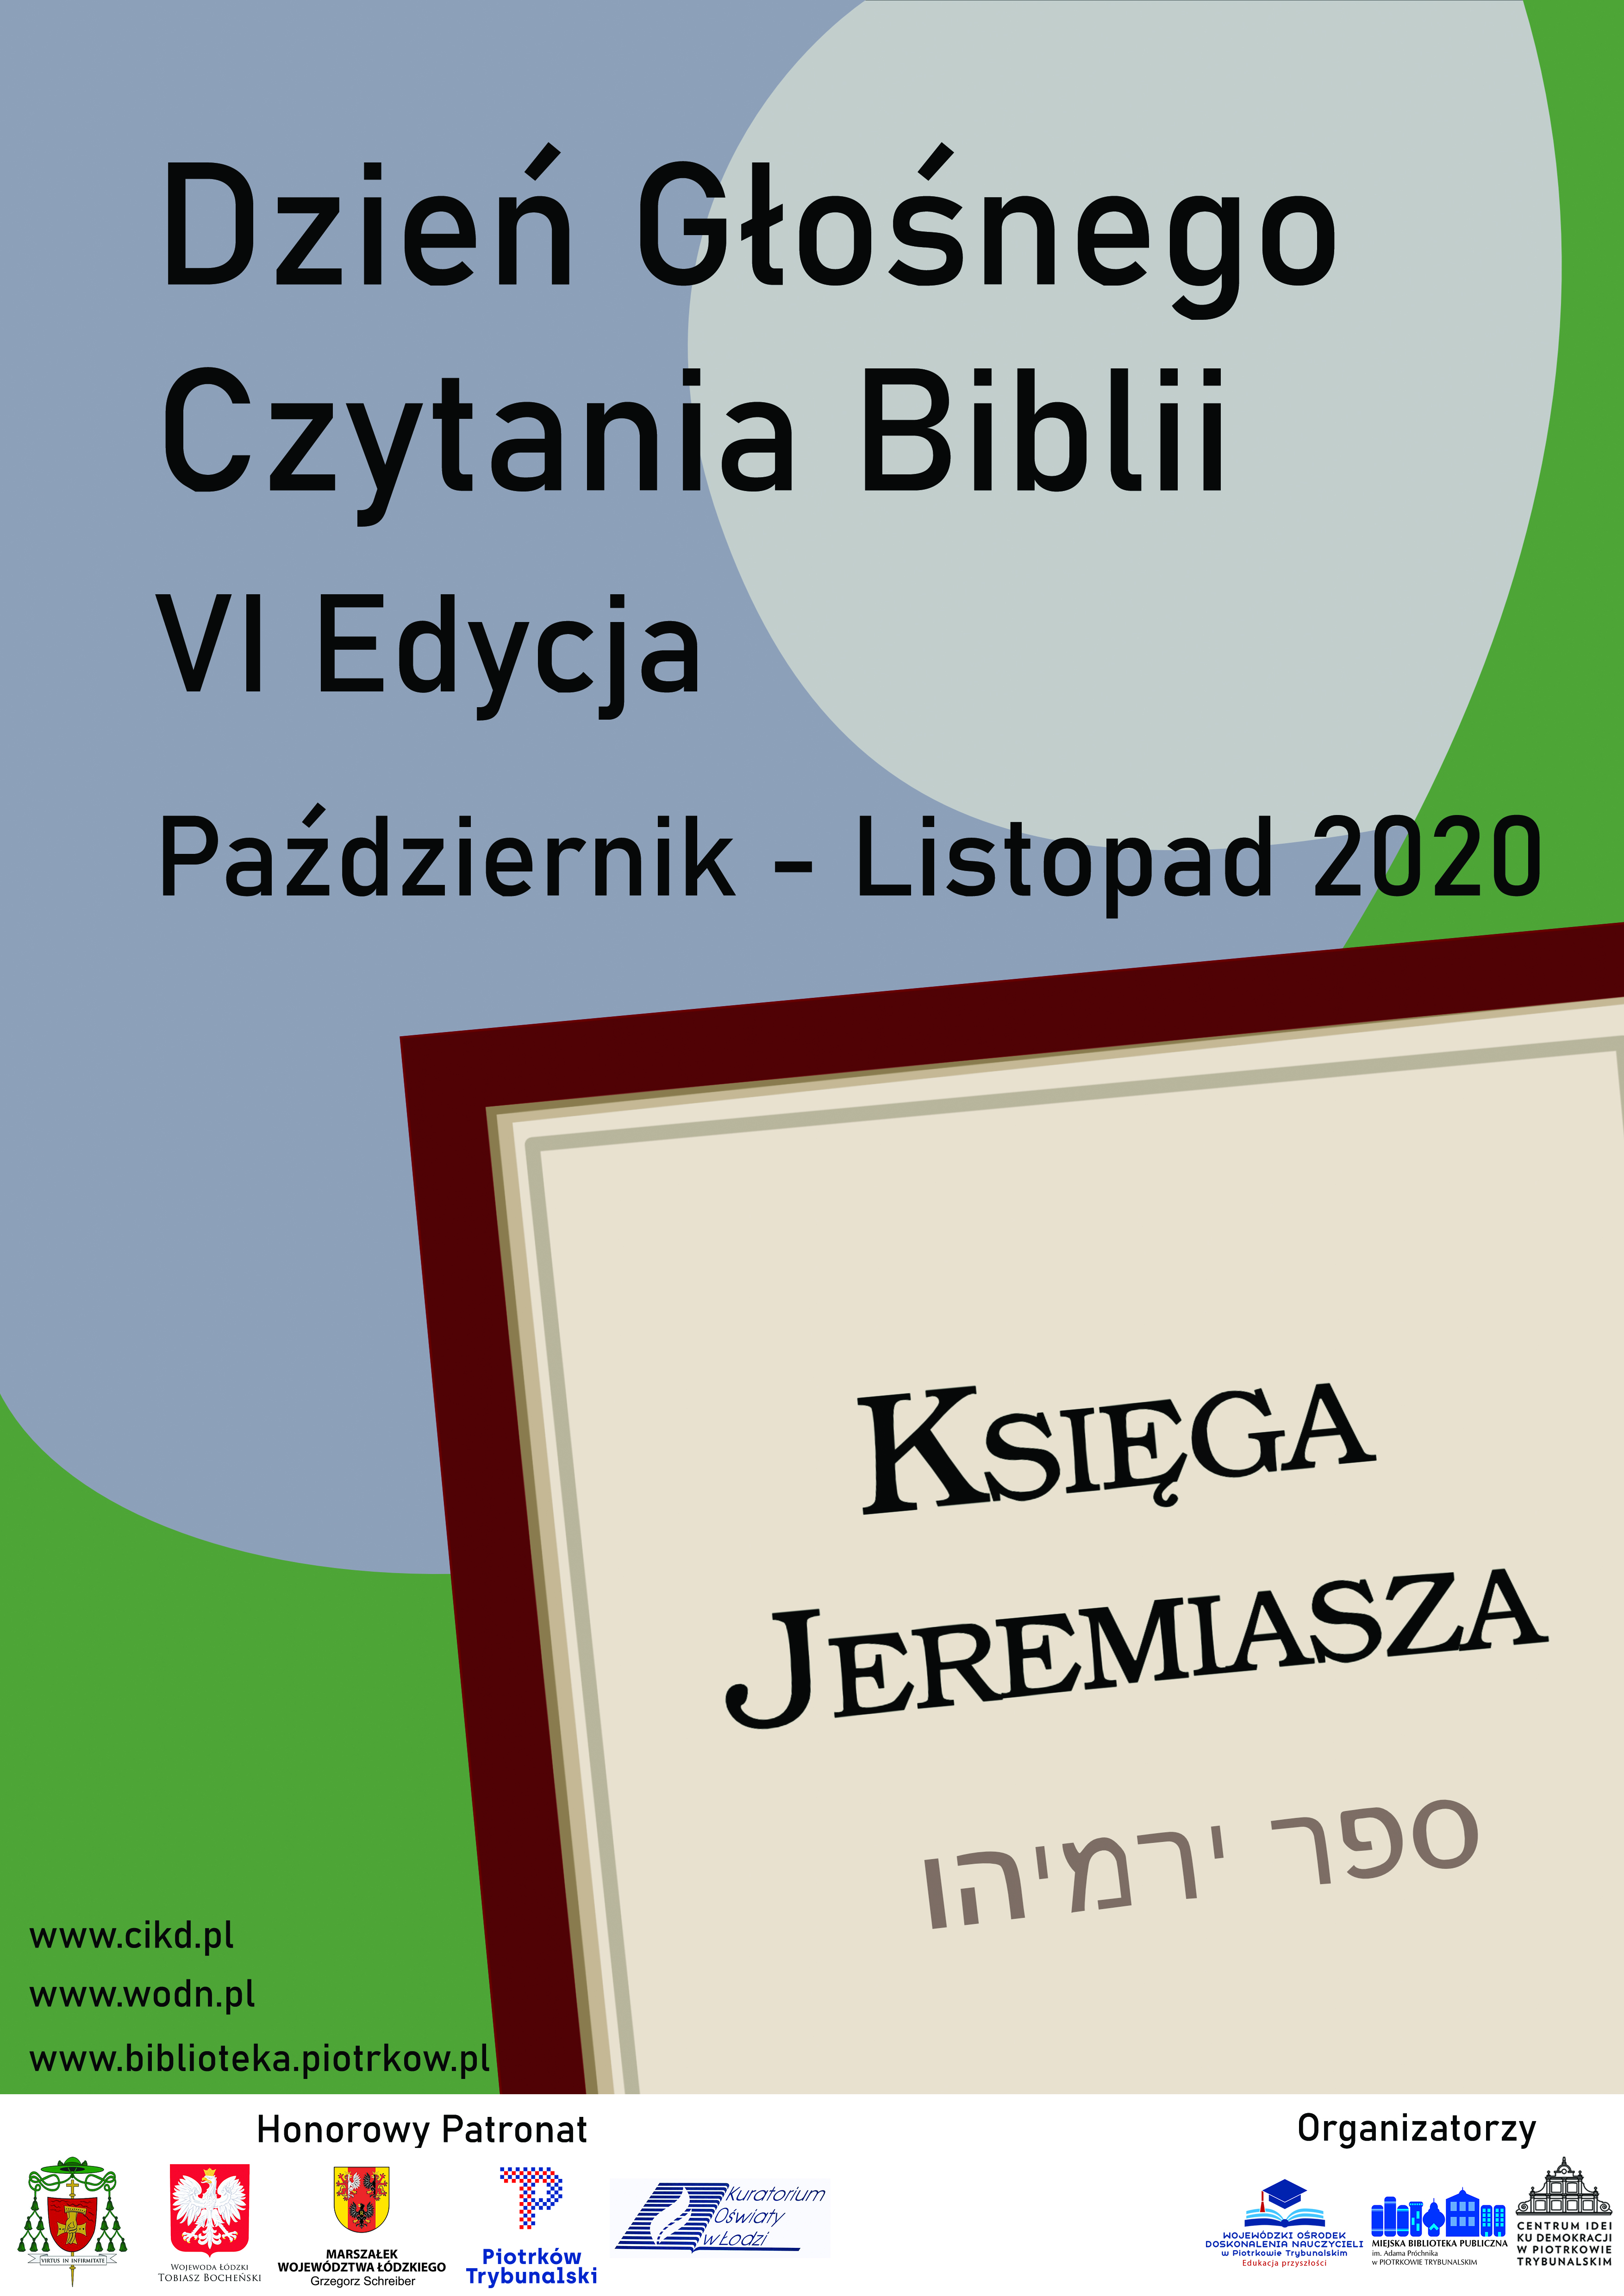 VI. EDYCJA DNIA GŁOŚNEGO CZYTANIA BIBLII